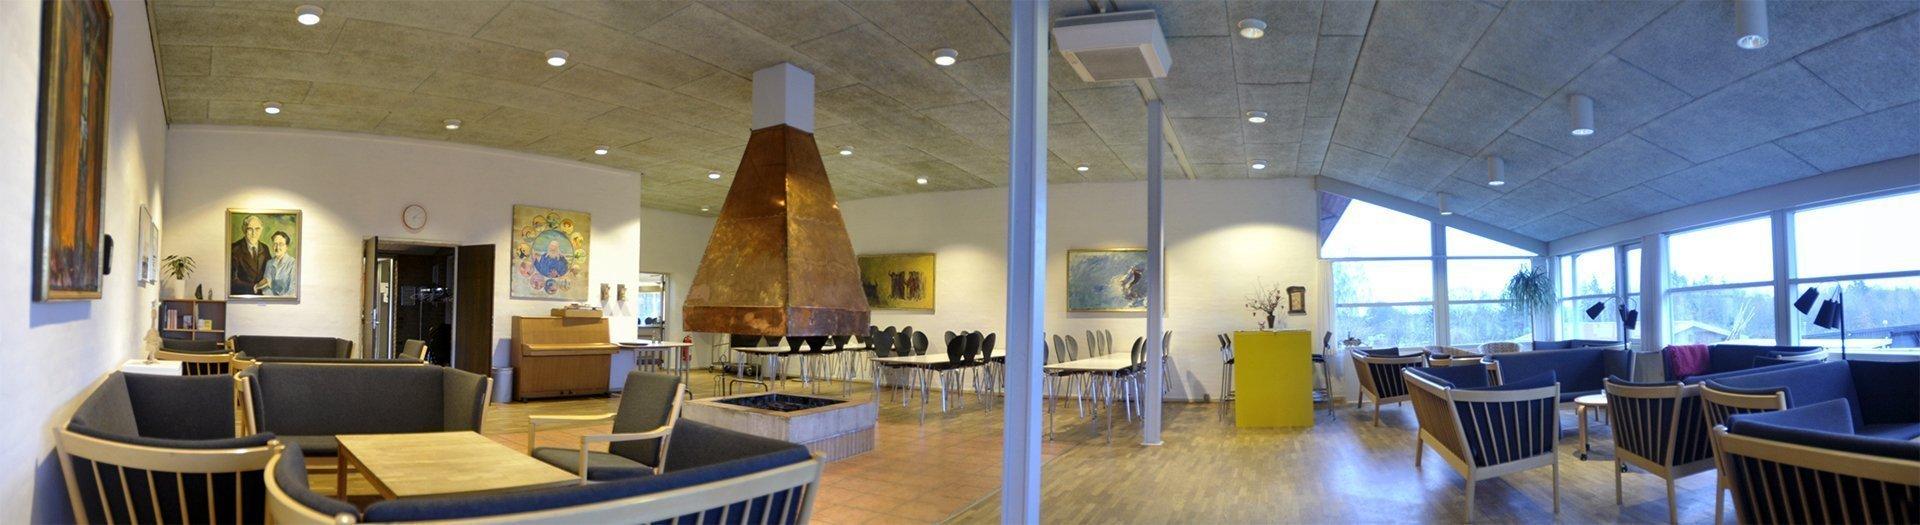 Pejsestuen Nørgaards Højskole faciliteter web 2